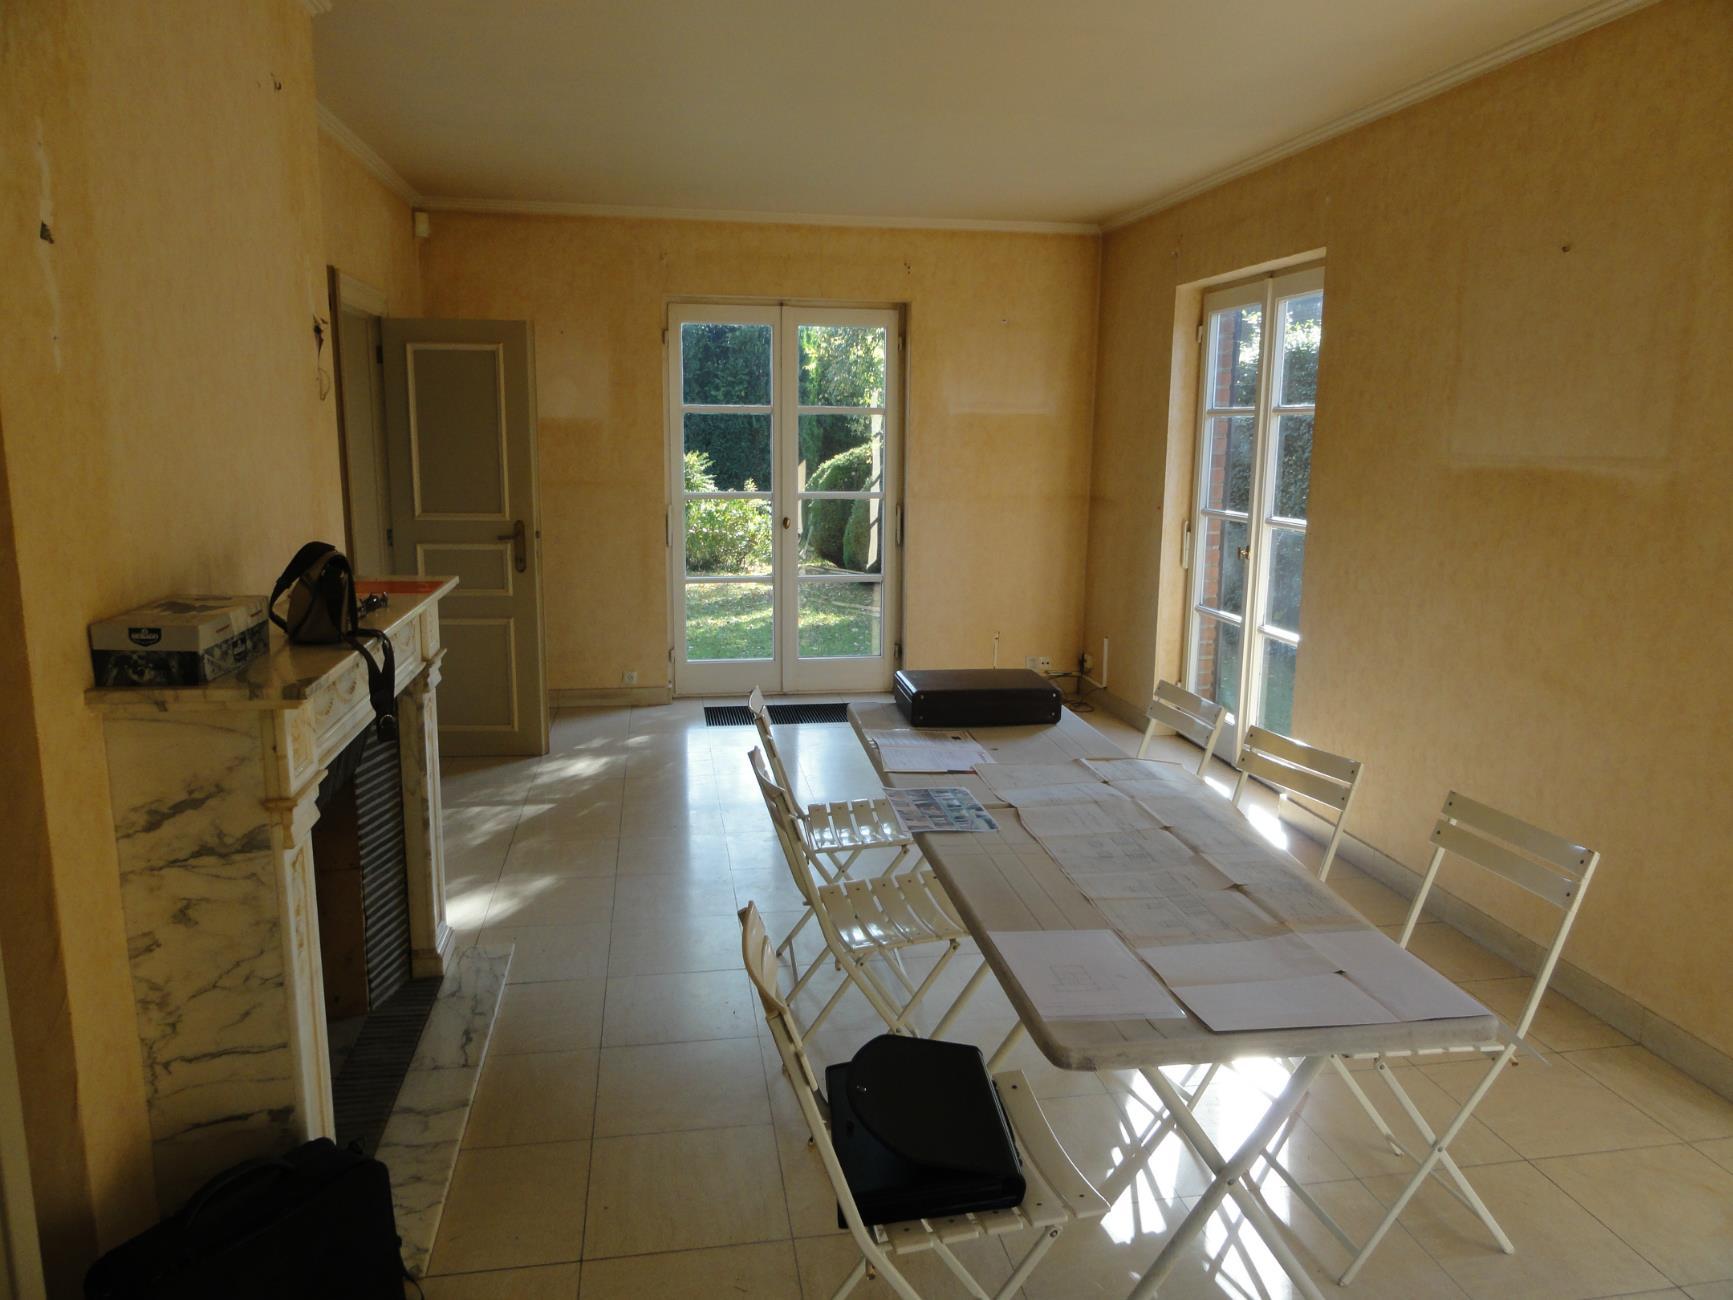 Entreprise de batiment pour renovation villa ohain for Entreprise de renovation interieur